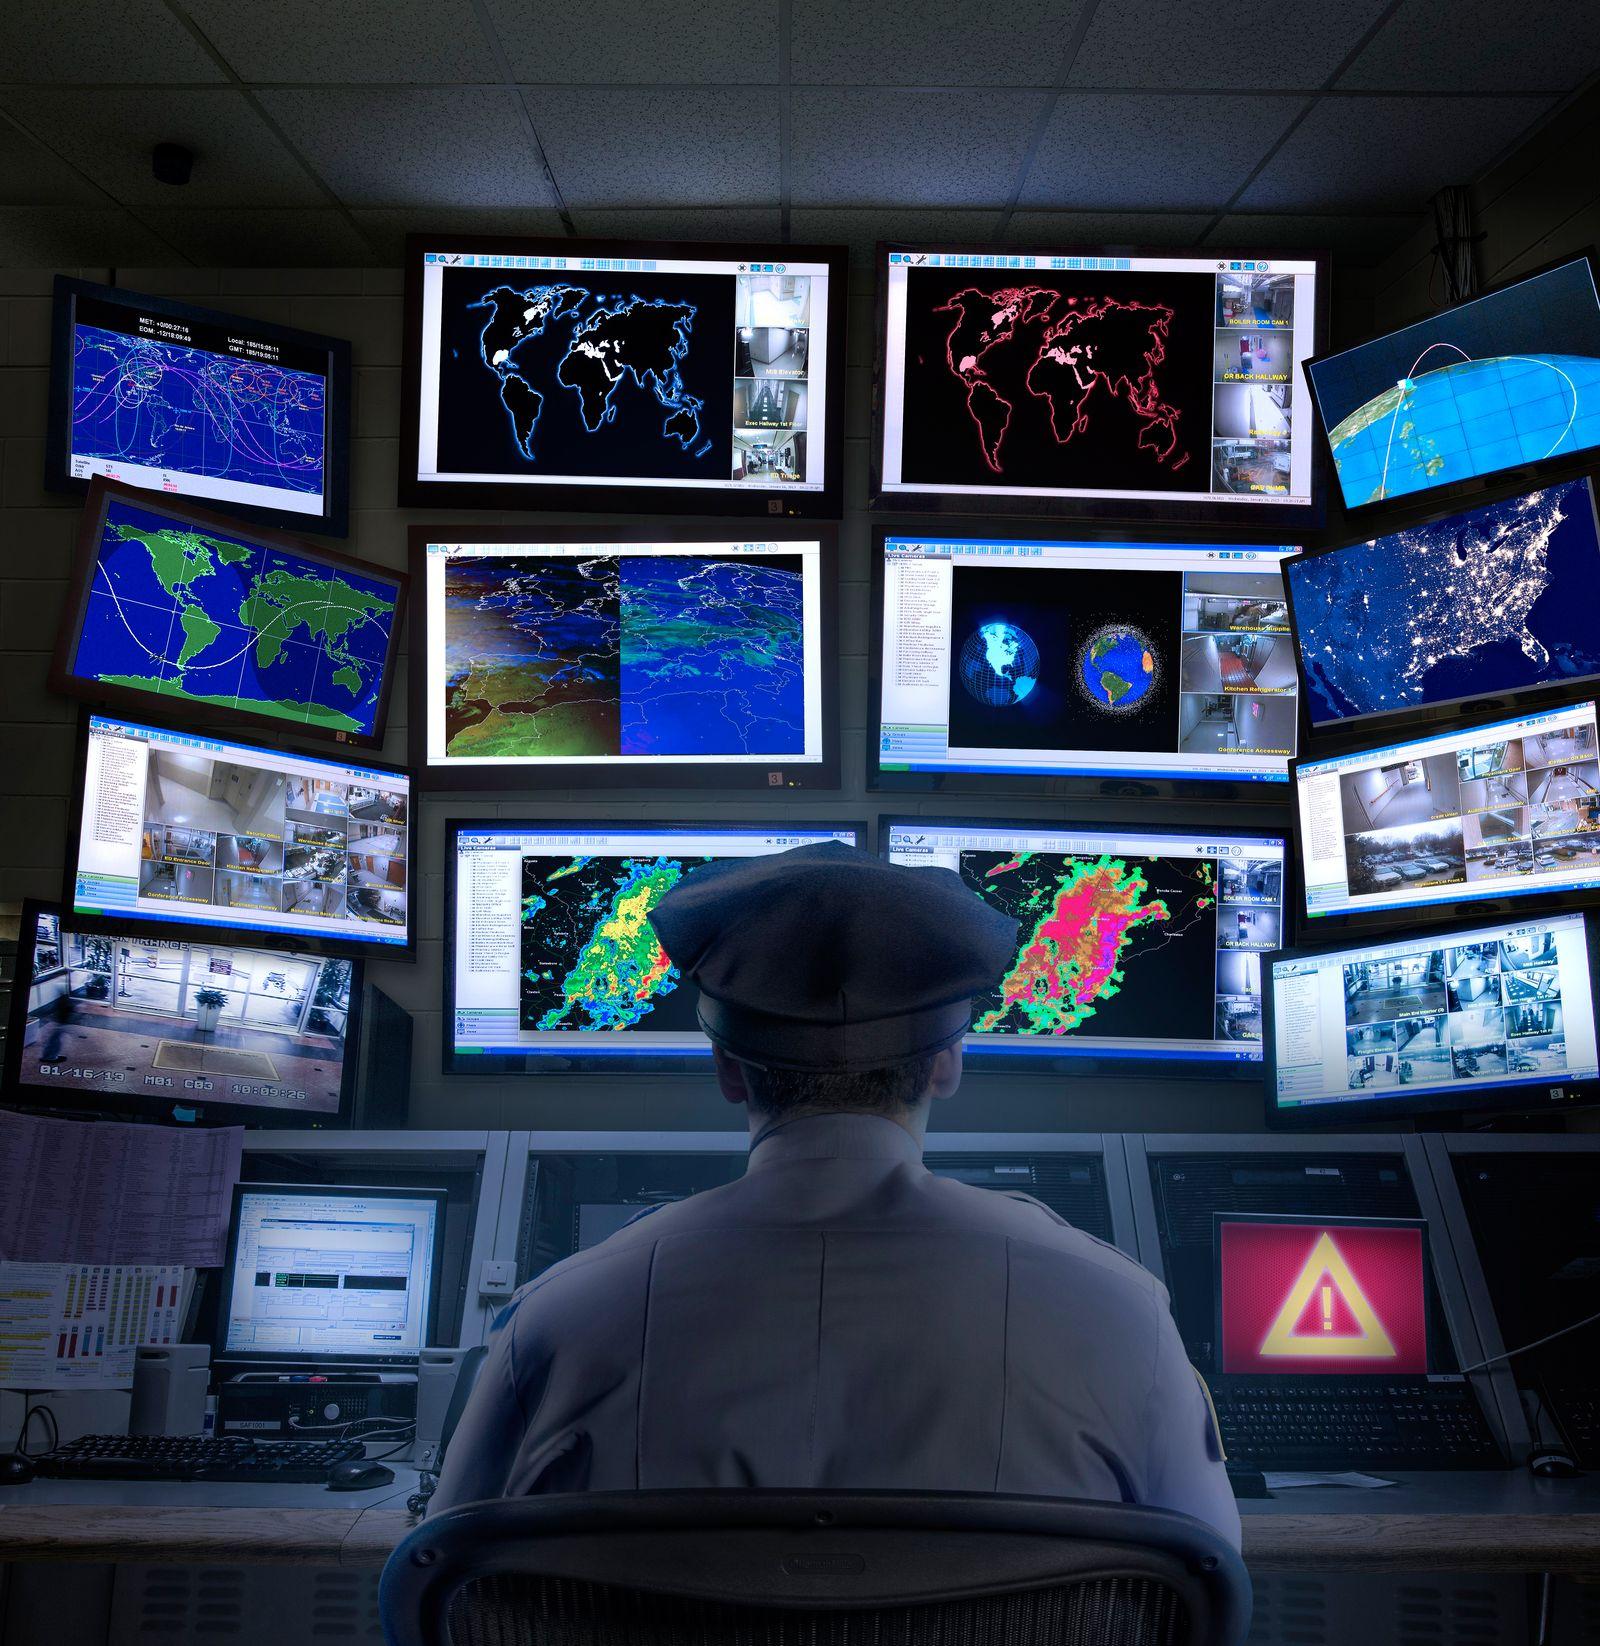 NICHT MEHR VERWENDEN! - Symbolbild Überwachung/ Observation/ Big Brother